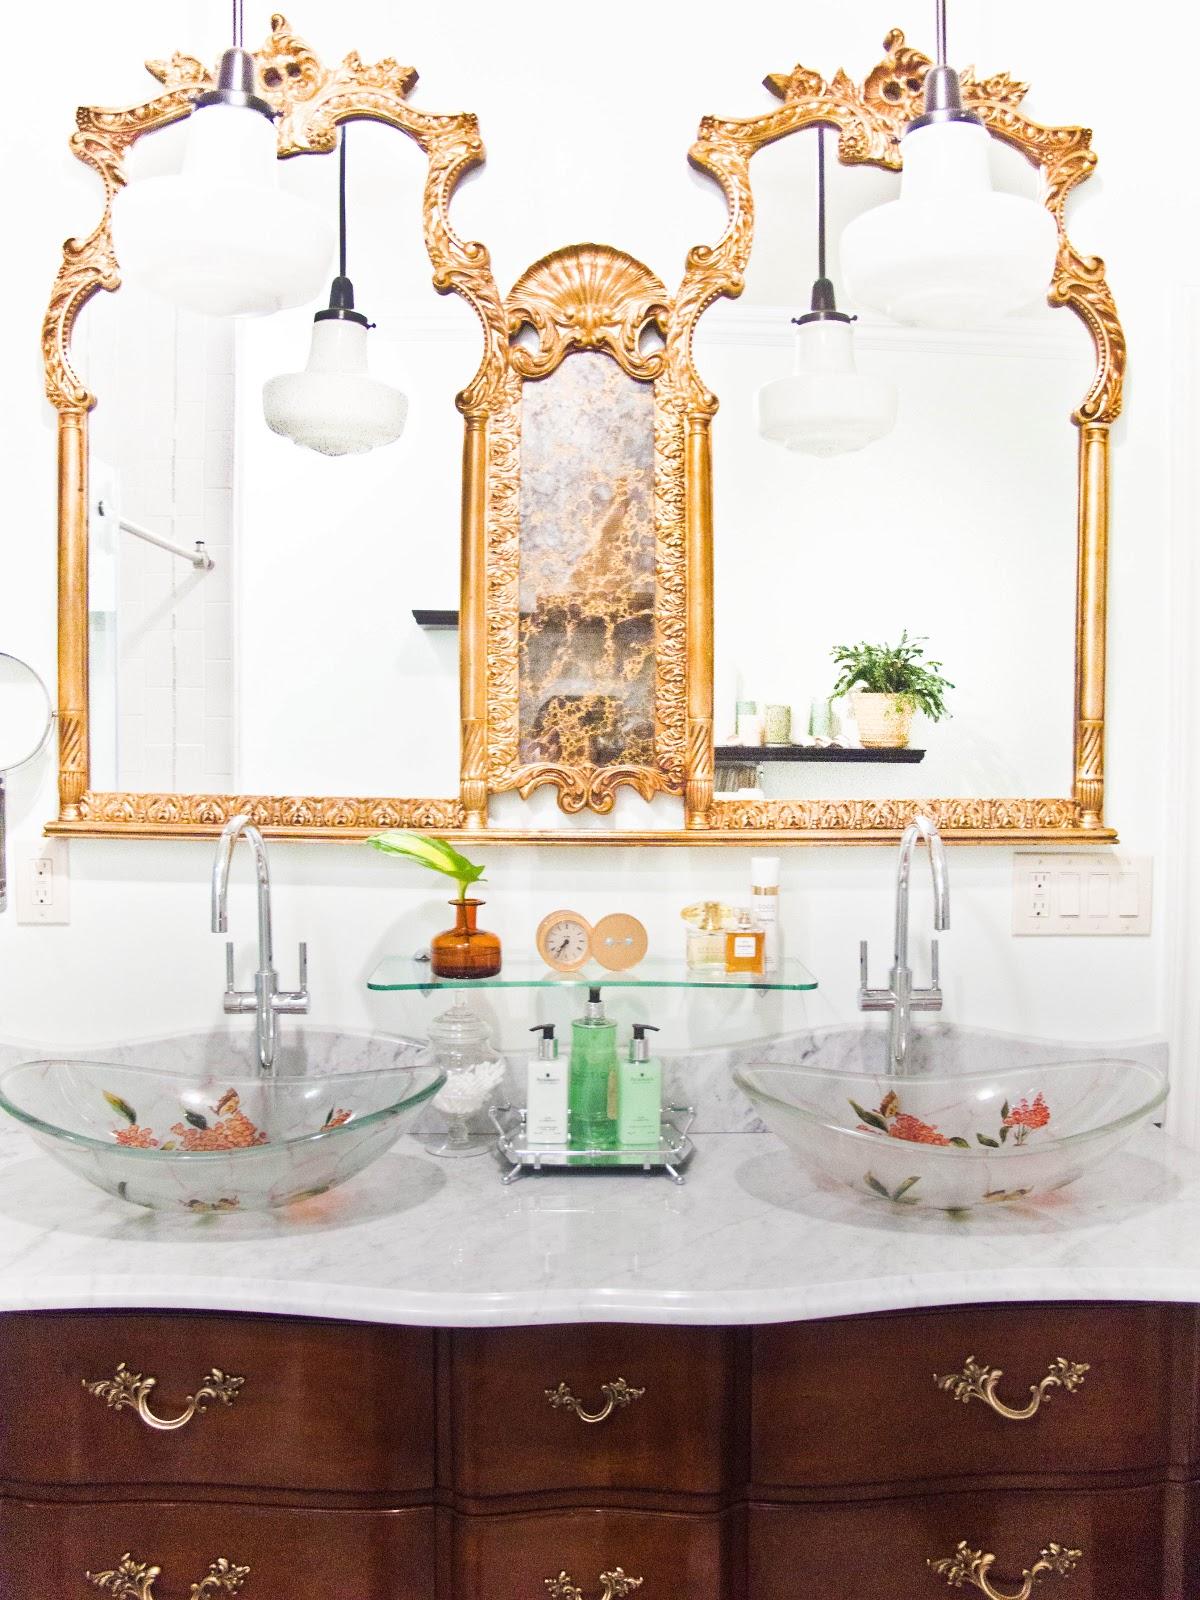 Brooklyn DIY Designs: Bathroom Vanity